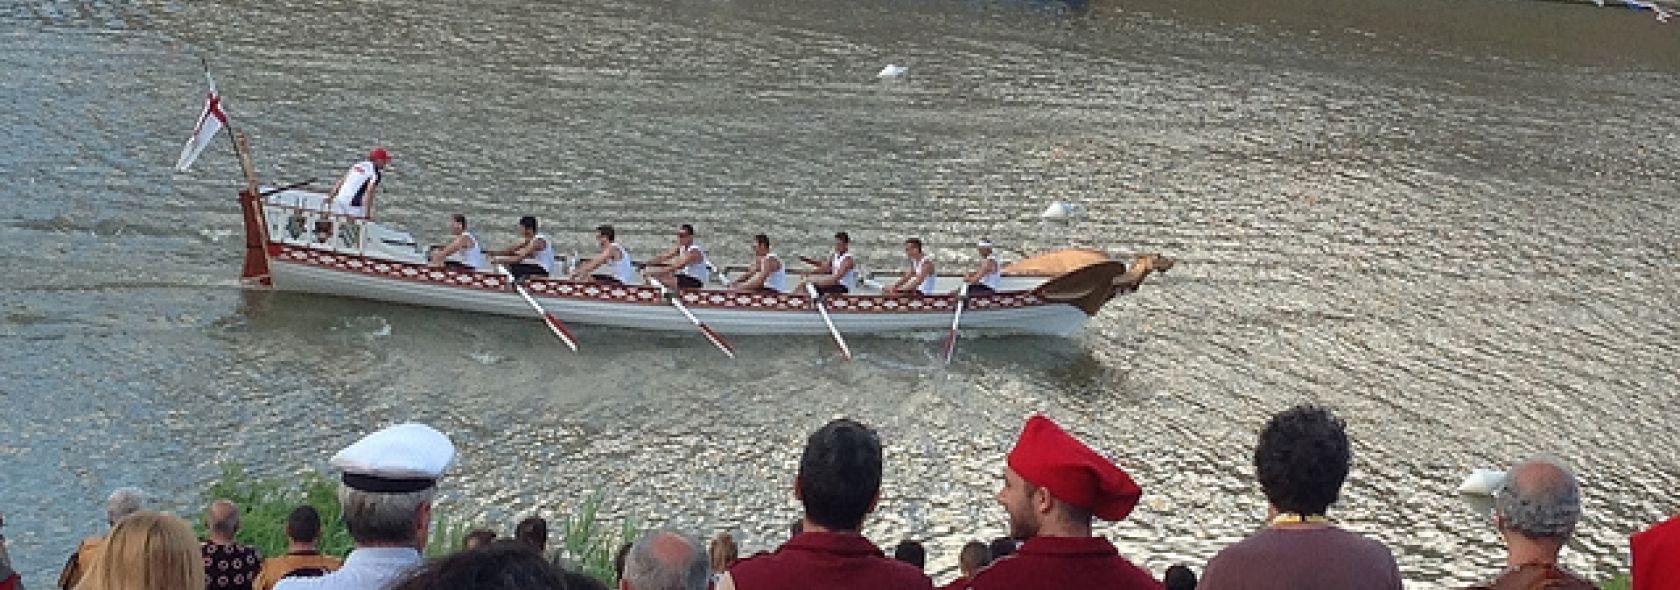 The Regatta of the Ancient Maritime Republics  - Pisa 2013 - ©genovacittadigital